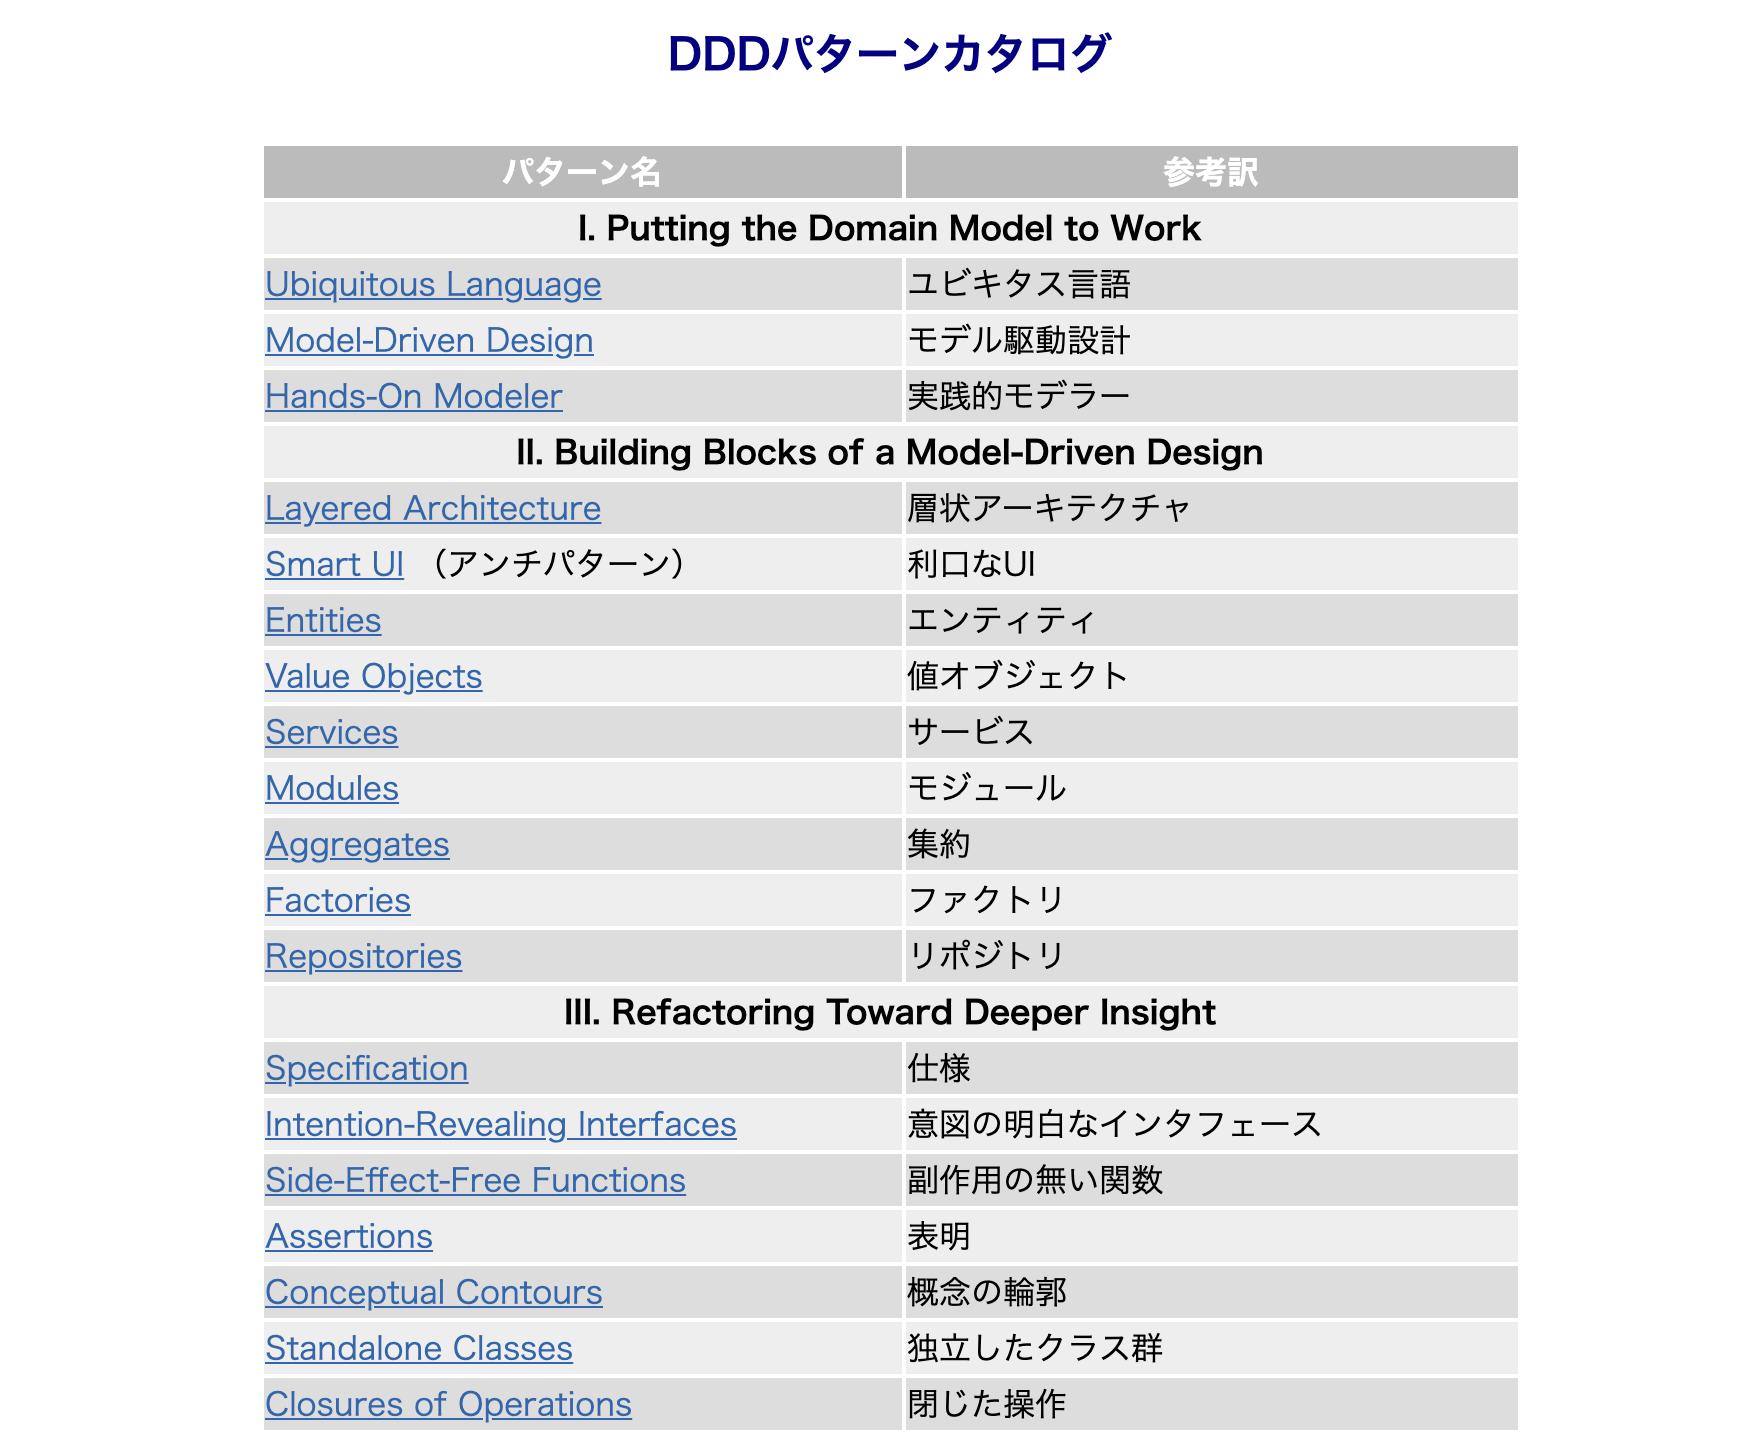 スクリーンショット 2019-06-10 0.48.19.png